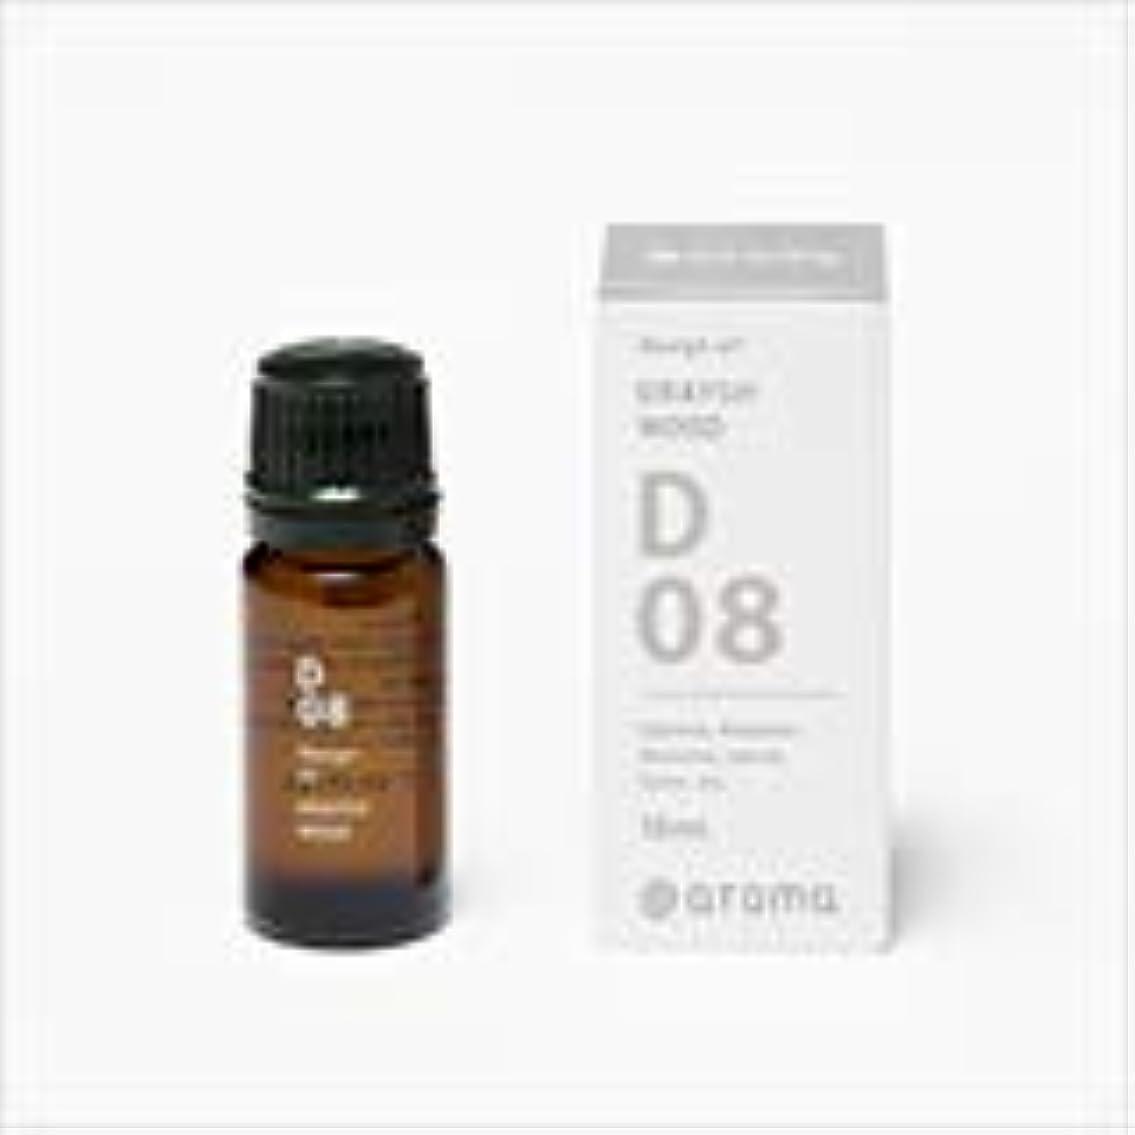 不完全な解説目覚めるアットアロマ 100%pure essential oil <Design air ルーセントパープル>